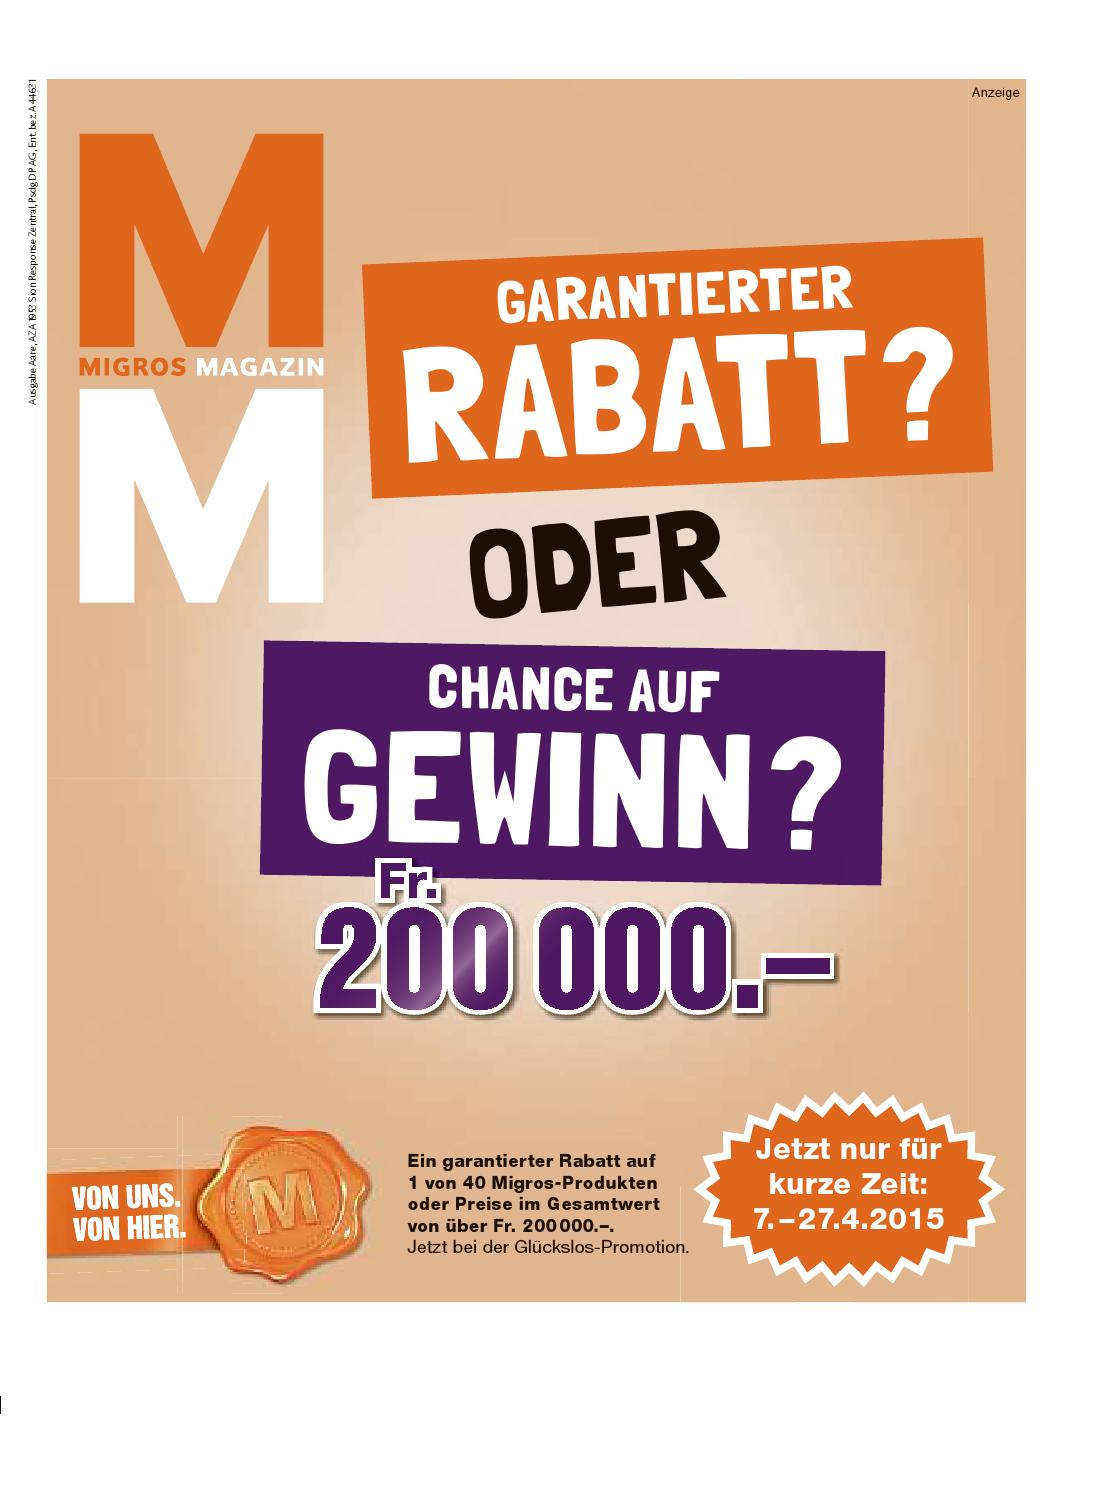 Migros magazin 15 2015 d aa by Migros-Genossenschafts-Bund - issuu